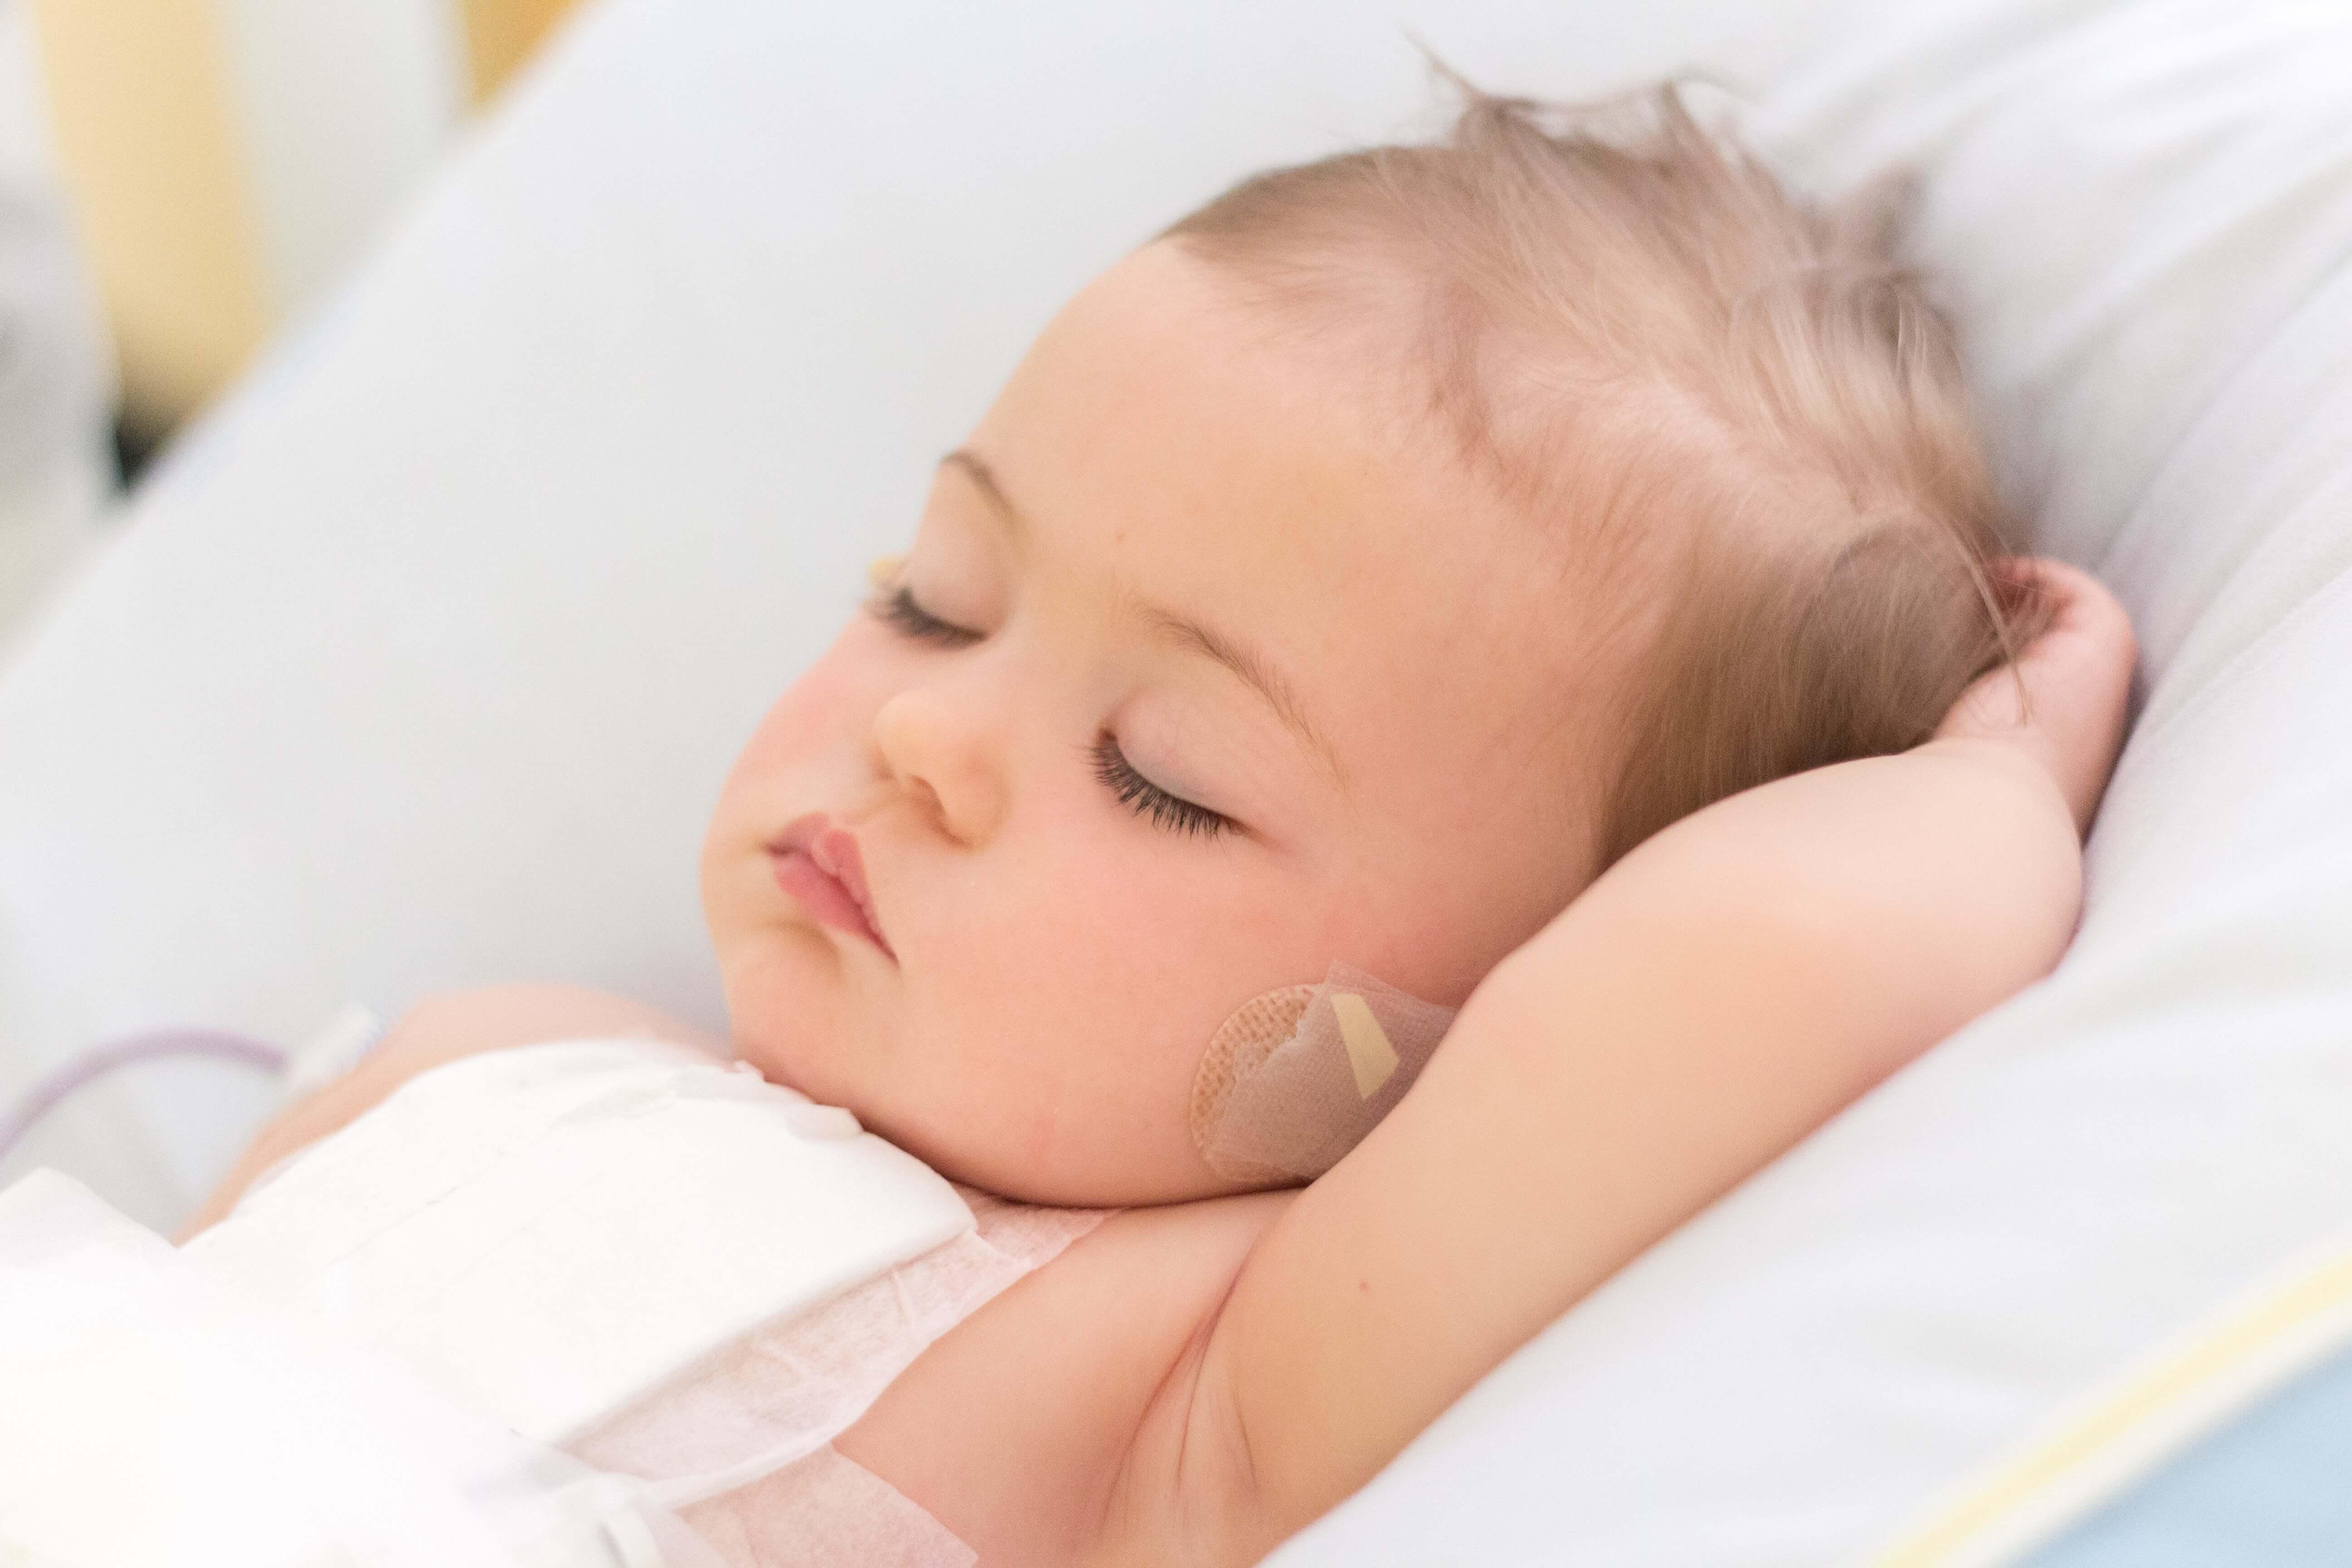 Fondation En Coeur - Bébé dormant paisiblement dans un lit d'hôpital